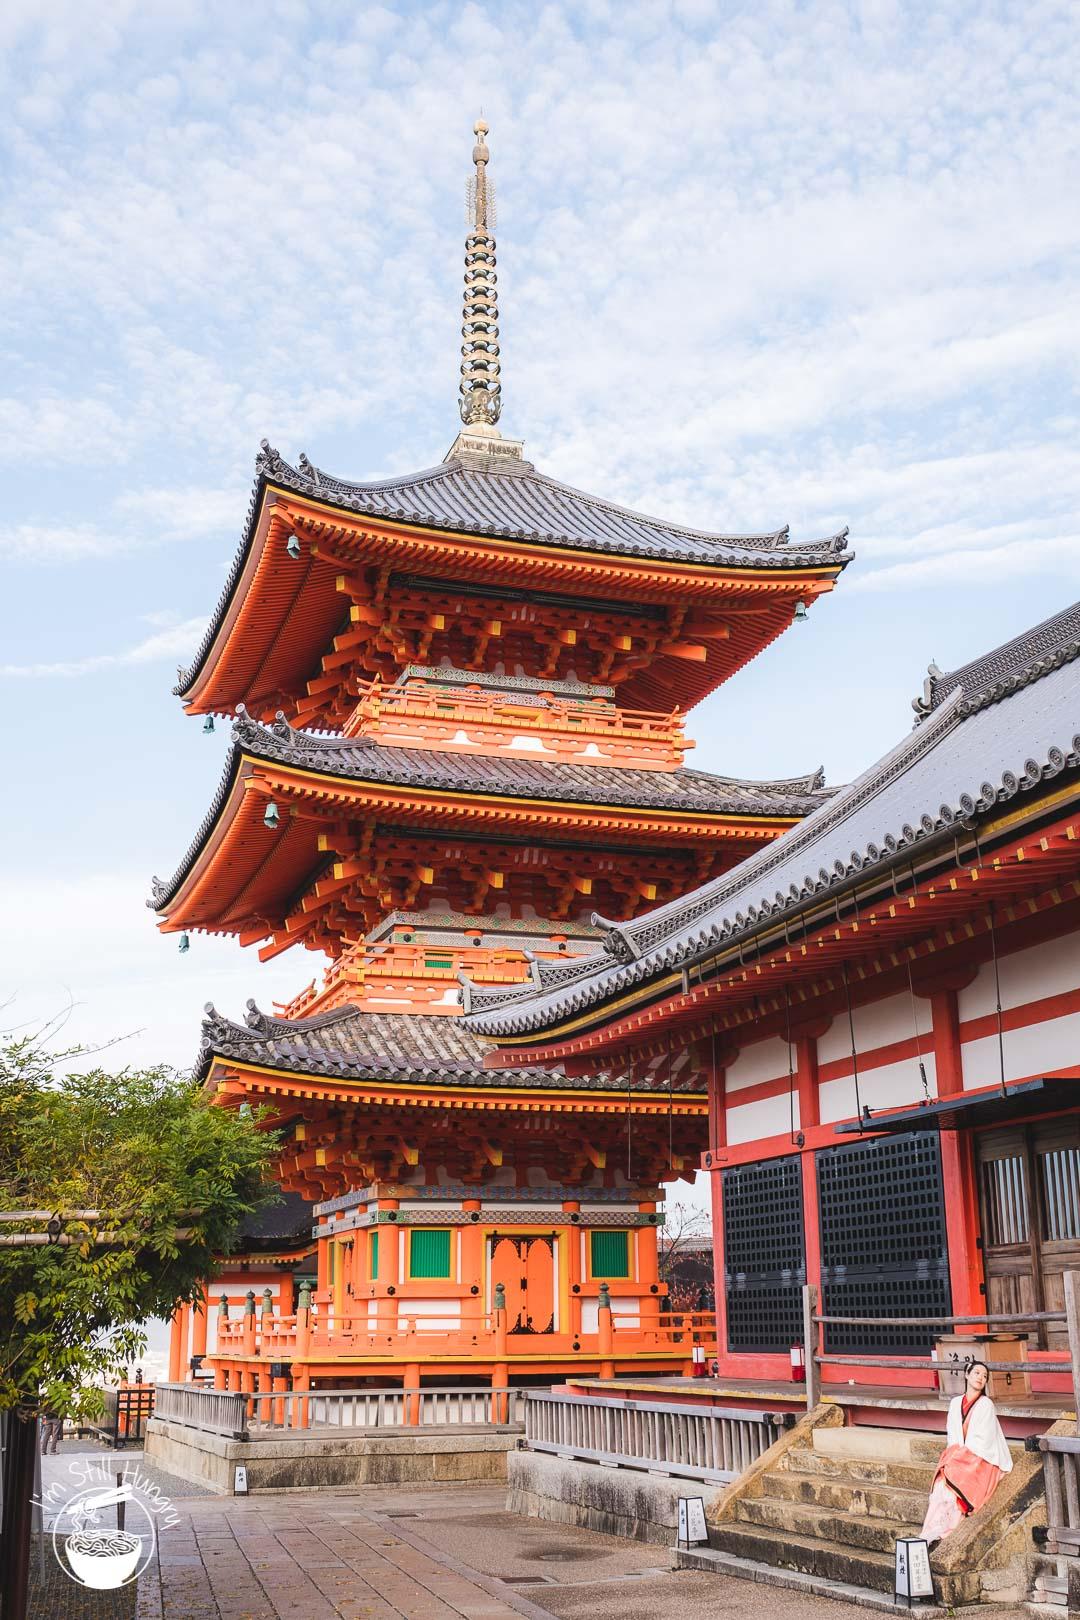 Kyoto Kiyomizu Dera